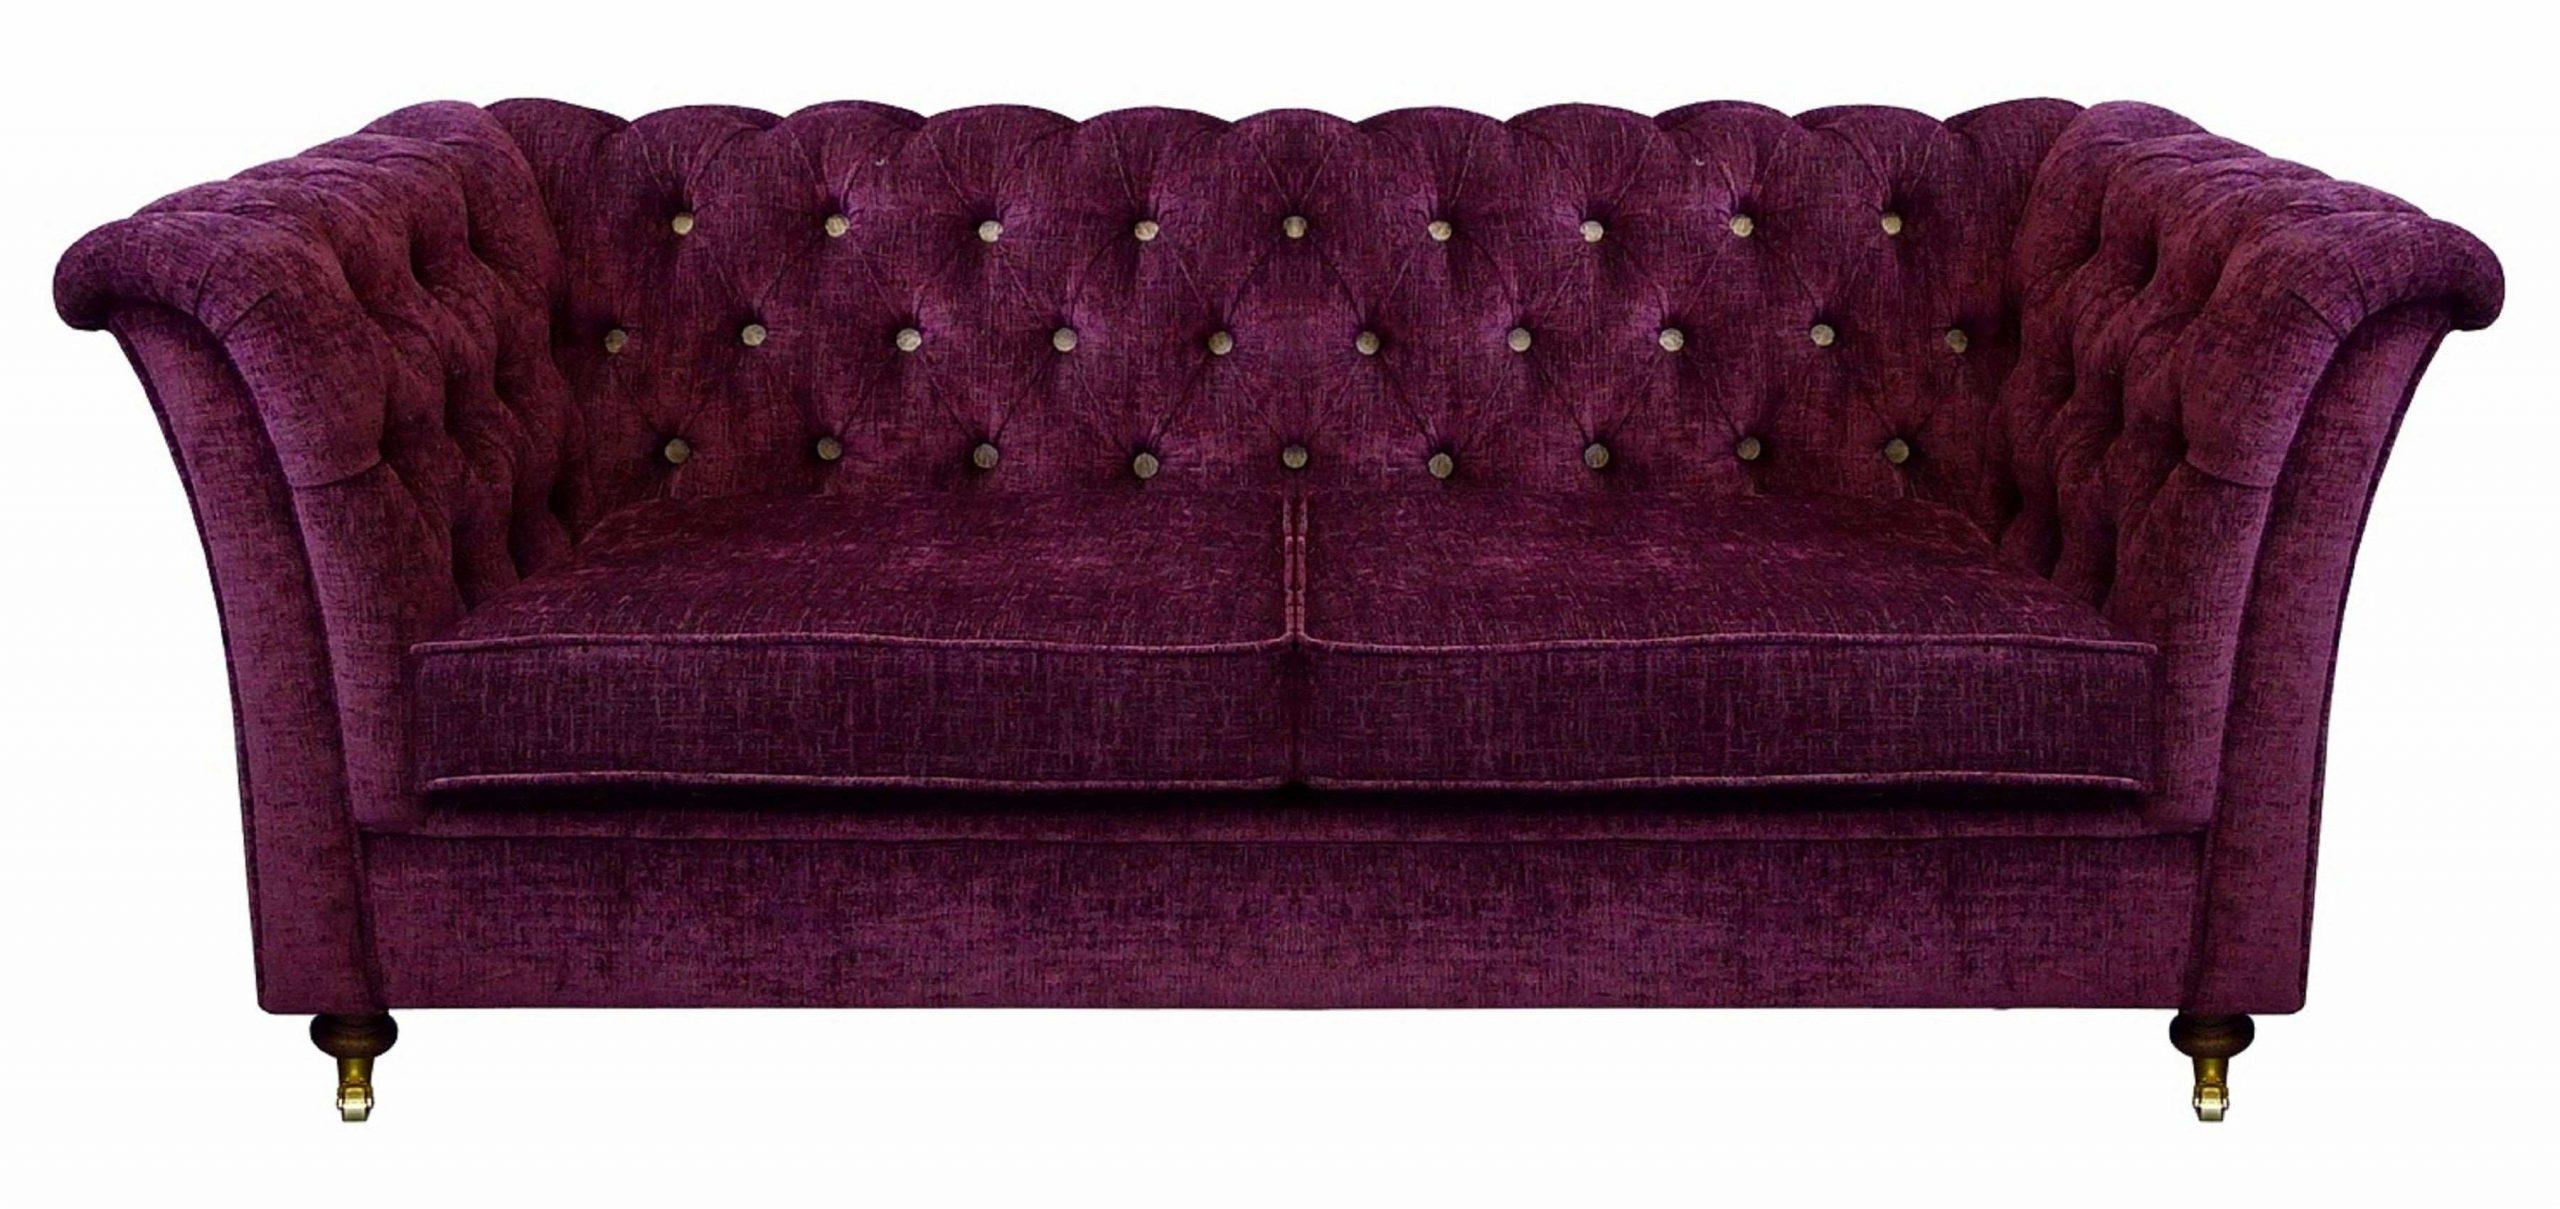 Full Size of Riess Ambiente Couchtisch Akazie Sofa Samt Xxl Bewertung Industrial Storage Kent Gold Couch Tisch Erfahrungen Chesterfield Heaven Weiss 39 Von Sessel Stoff Sofa Riess Ambiente Sofa